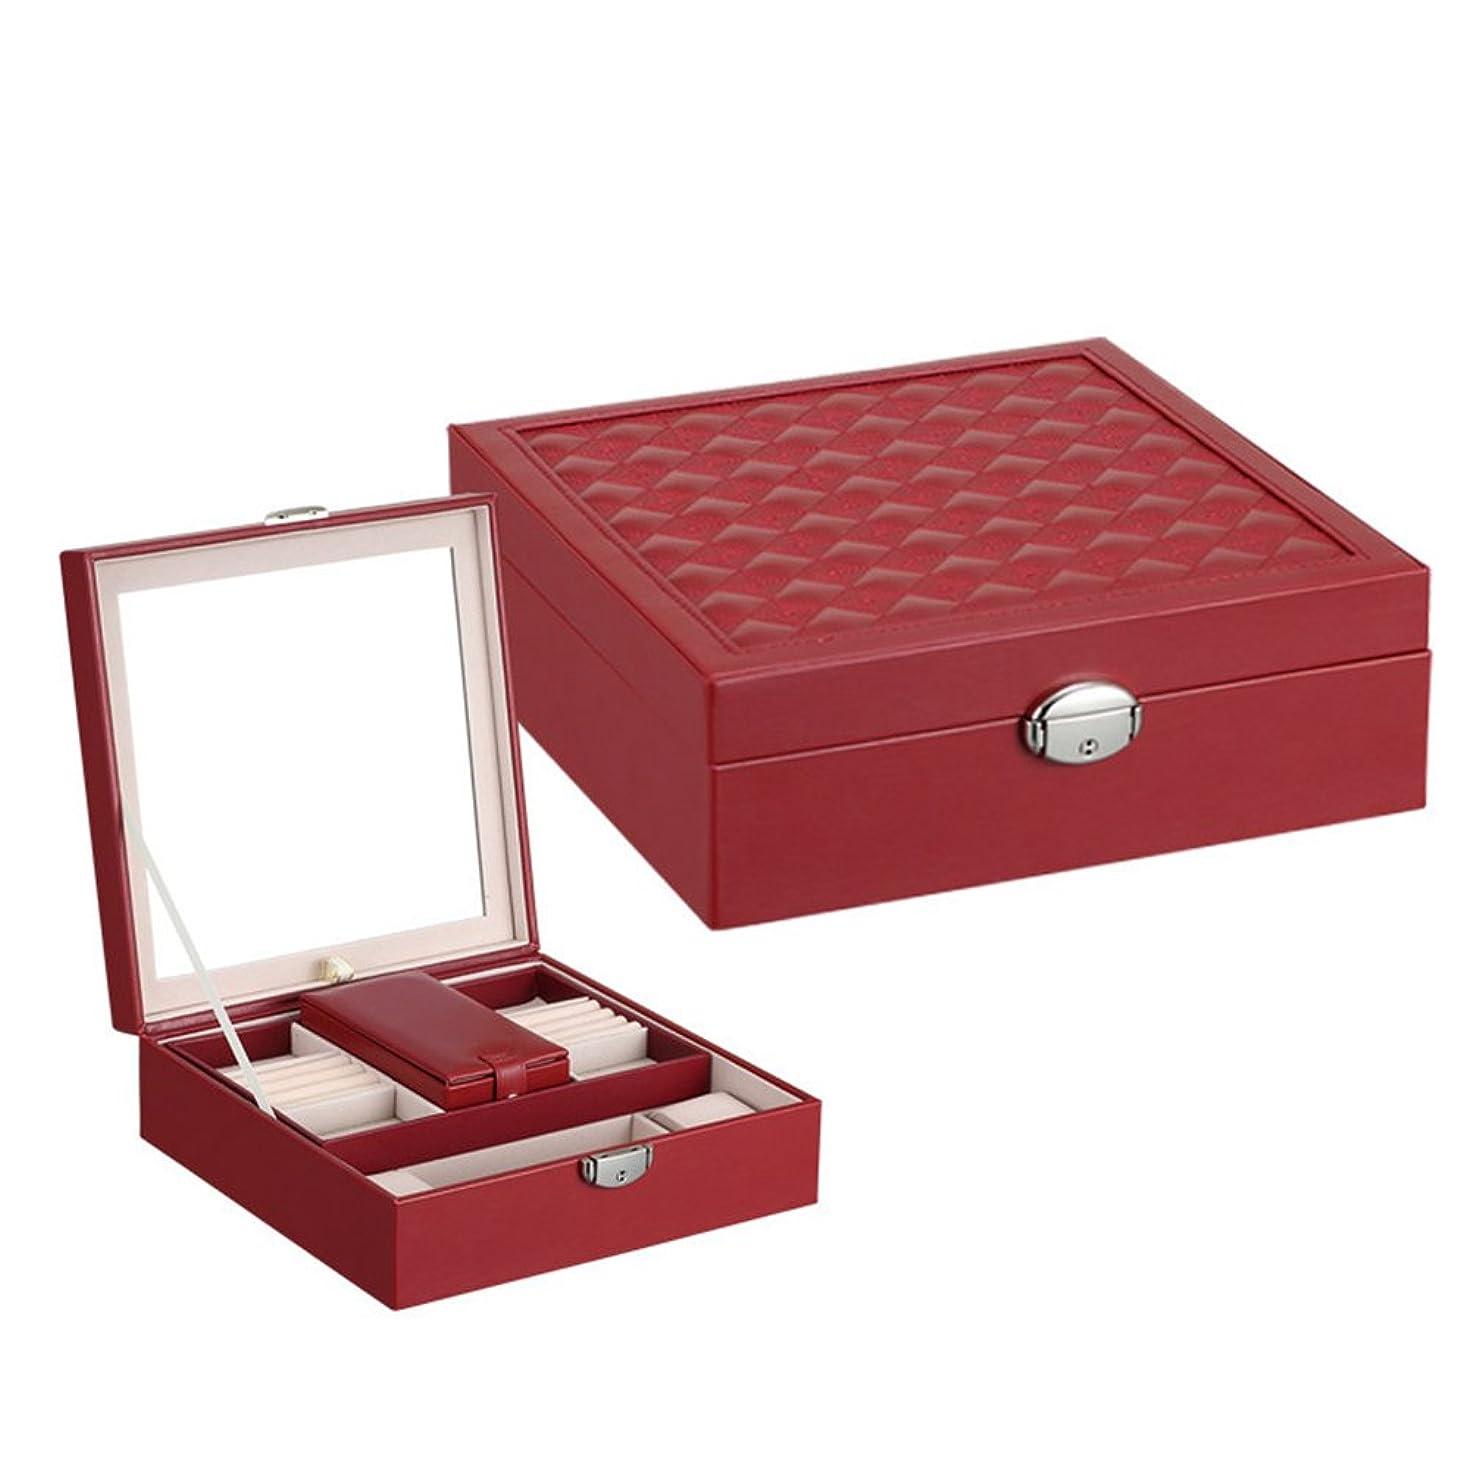 に対してイノセンスパフ[ドリーマー] ジュエリーケース 収納ボックス 宝石箱 アクセサリーケース インナーケース 大きめ 高級感 持ち運び 機能的 無地 ピアス リング サングラス 指輪 ポータブル 大容量 仕分け ミラー 鍵付き 時計クッション付き 編み込み レッド 赤